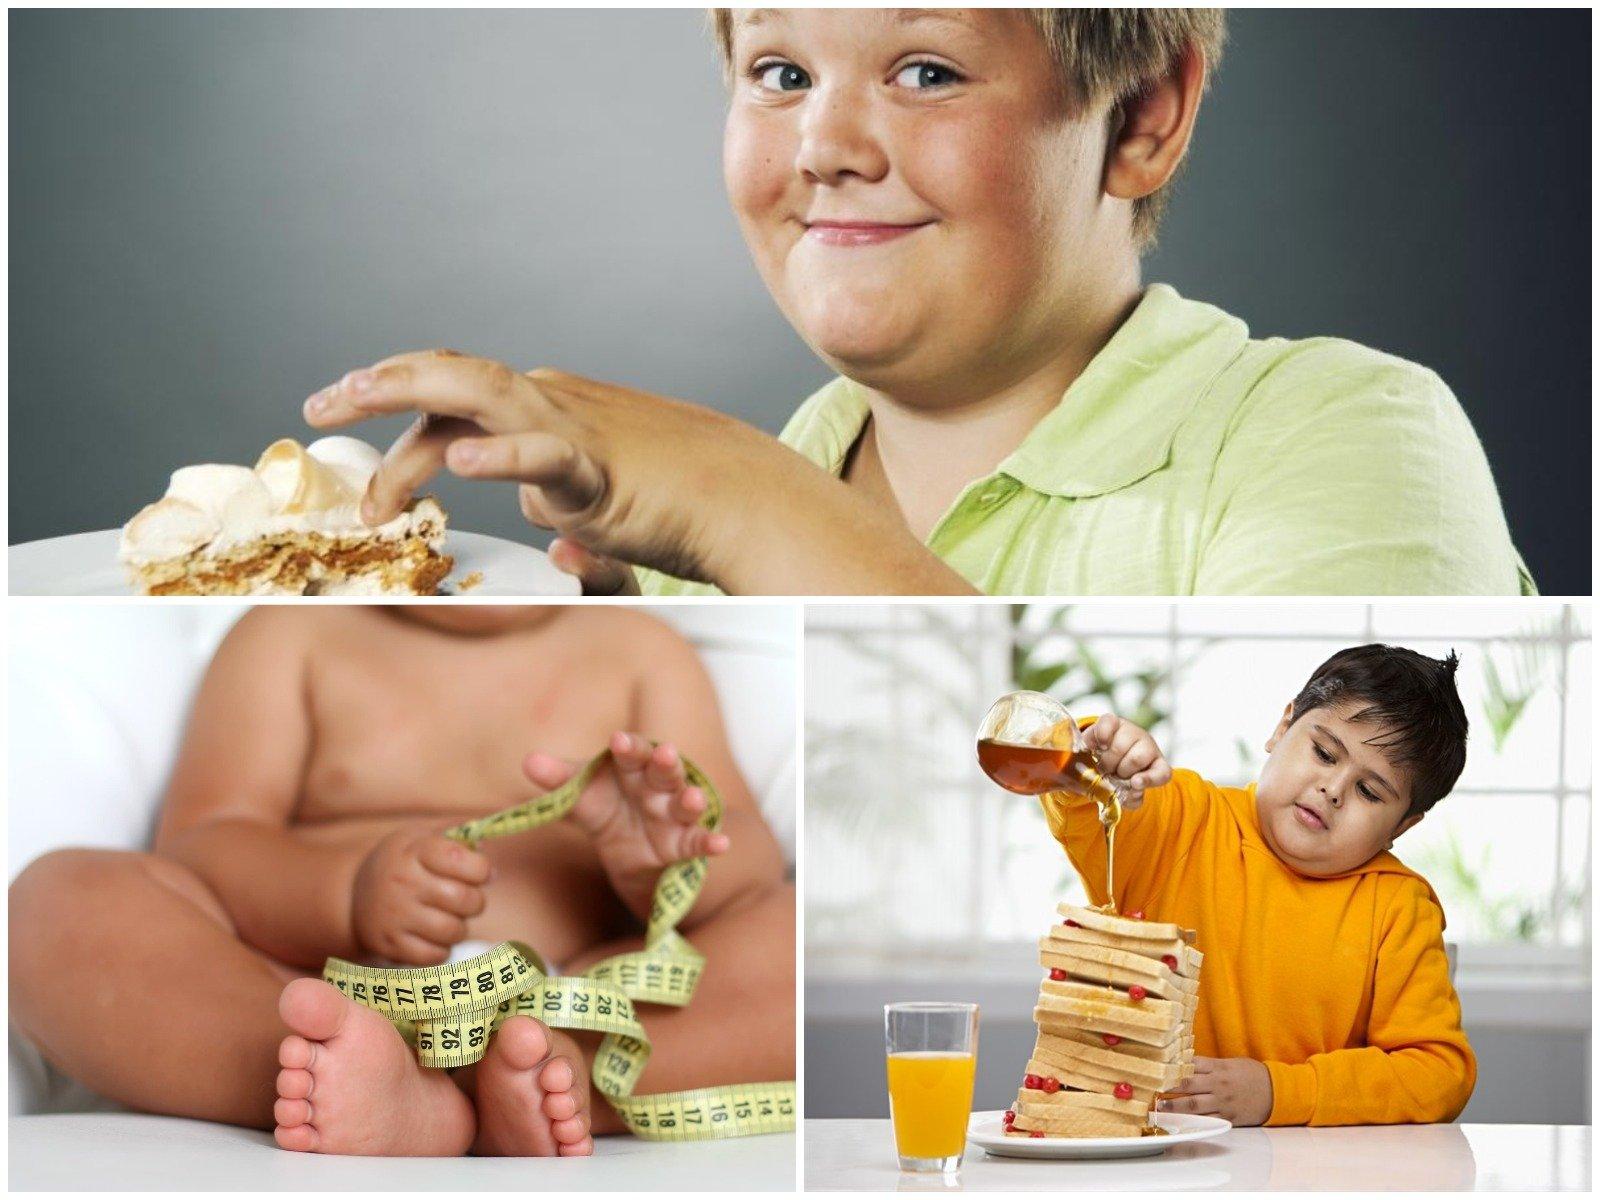 Ожирение у детей в картинках